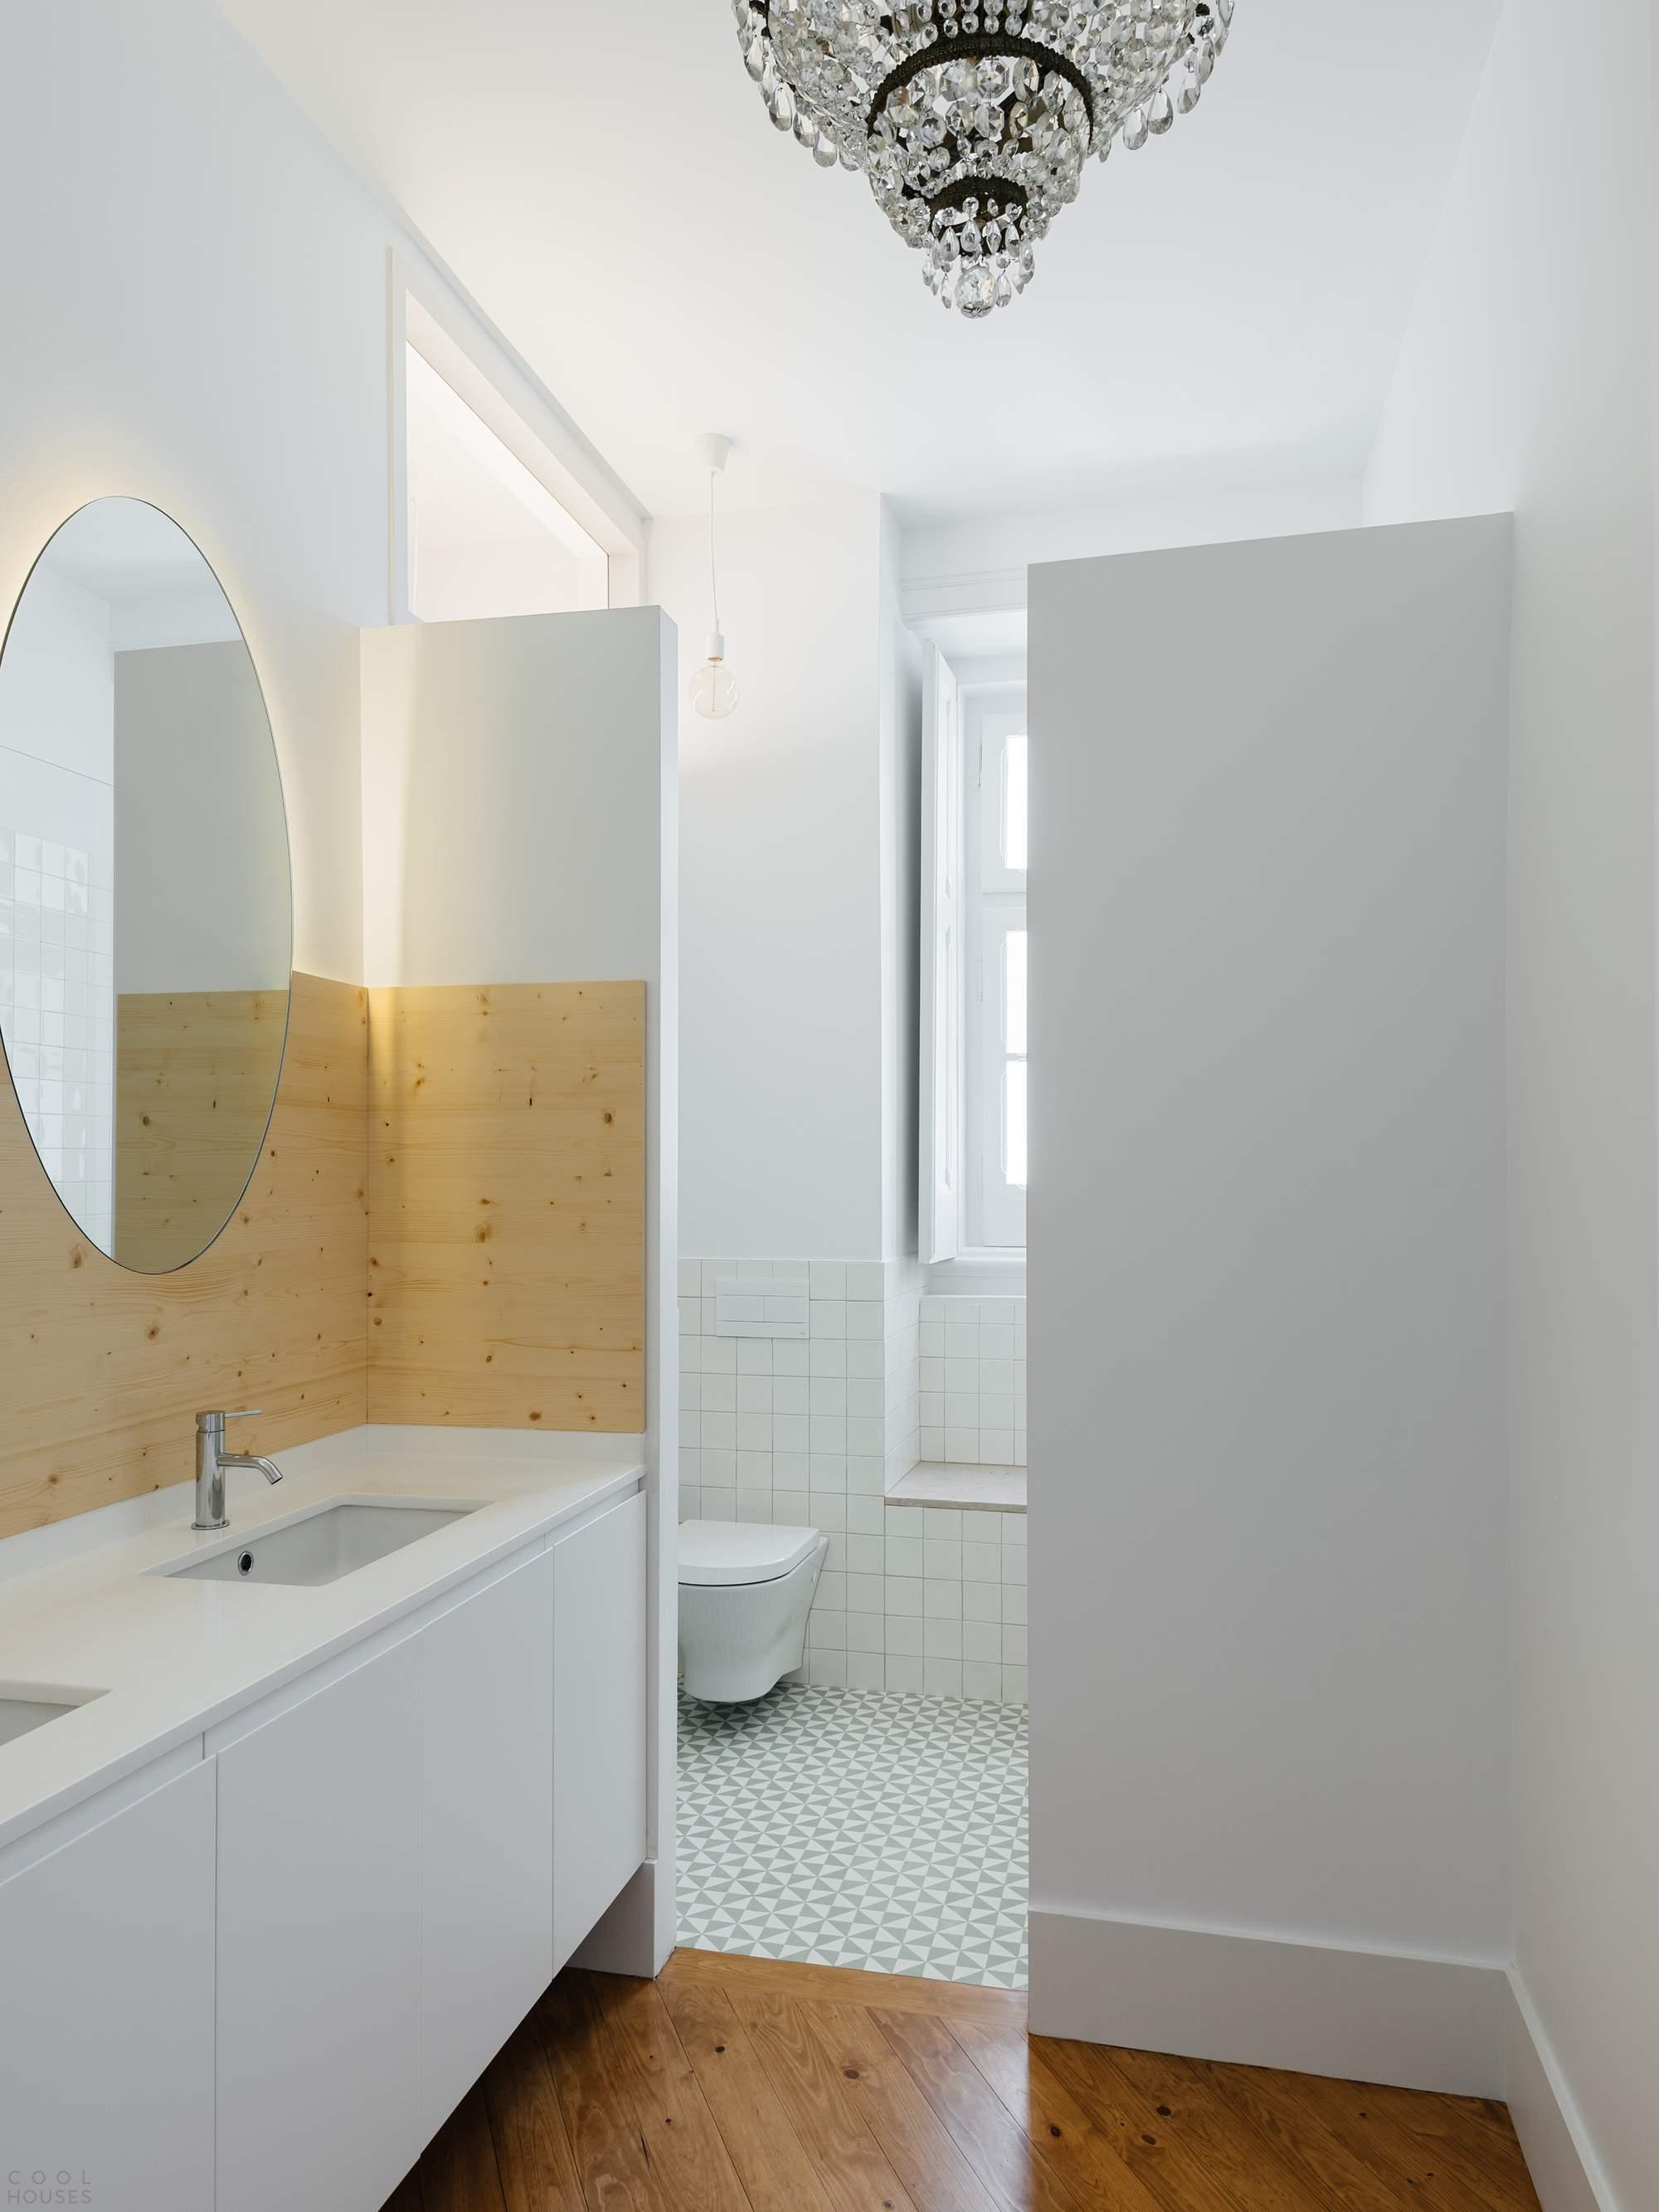 Элегантная квартиры с акцентом на преемственность, Португалия